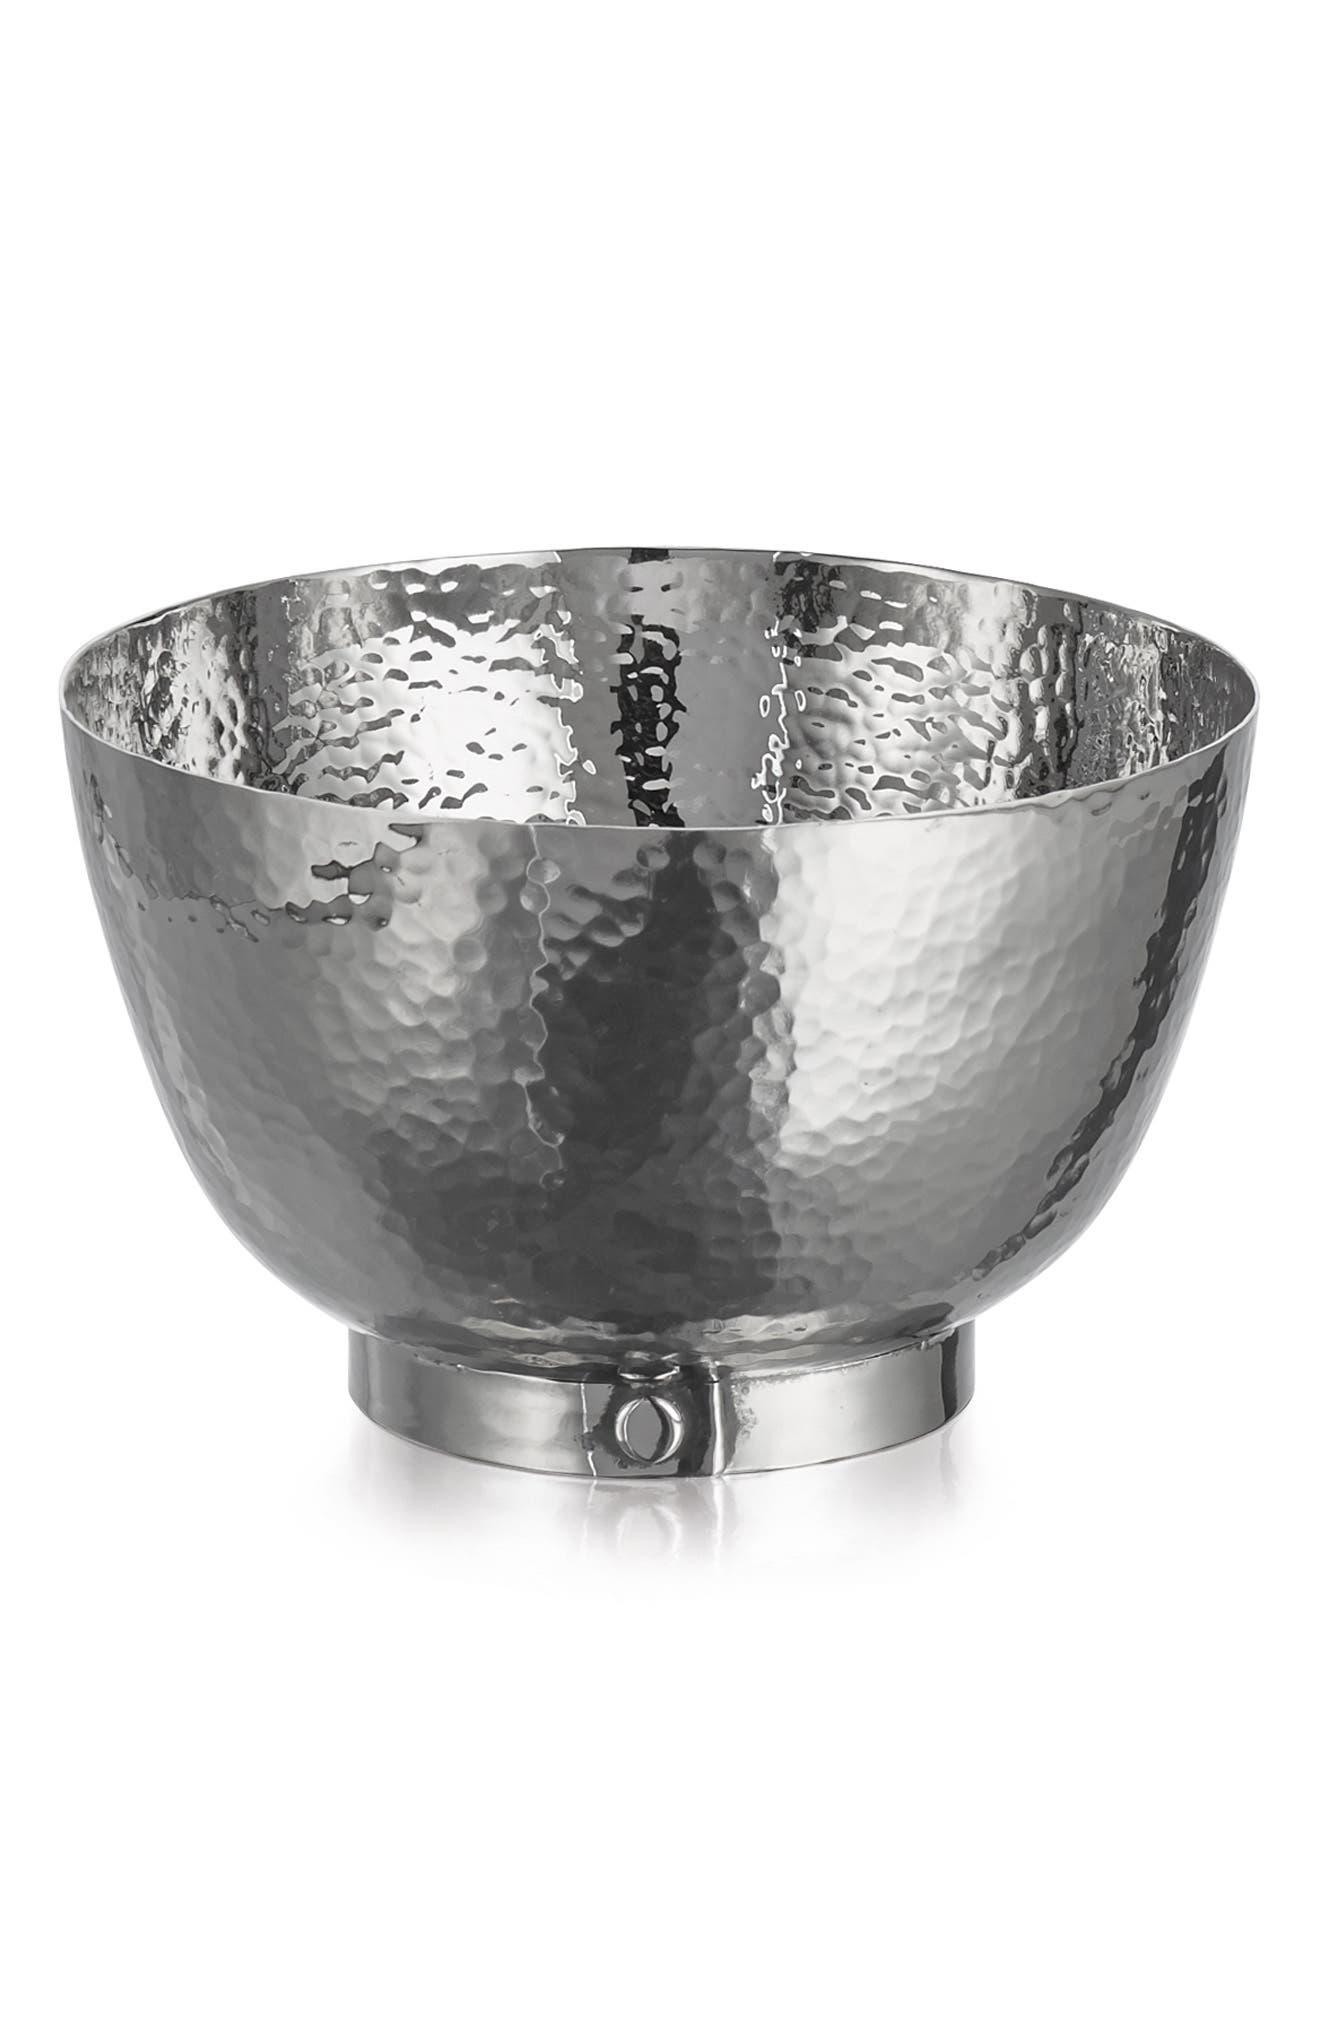 'Rivet' Hammered Stainless Steel Bowl,                             Alternate thumbnail 3, color,                             040